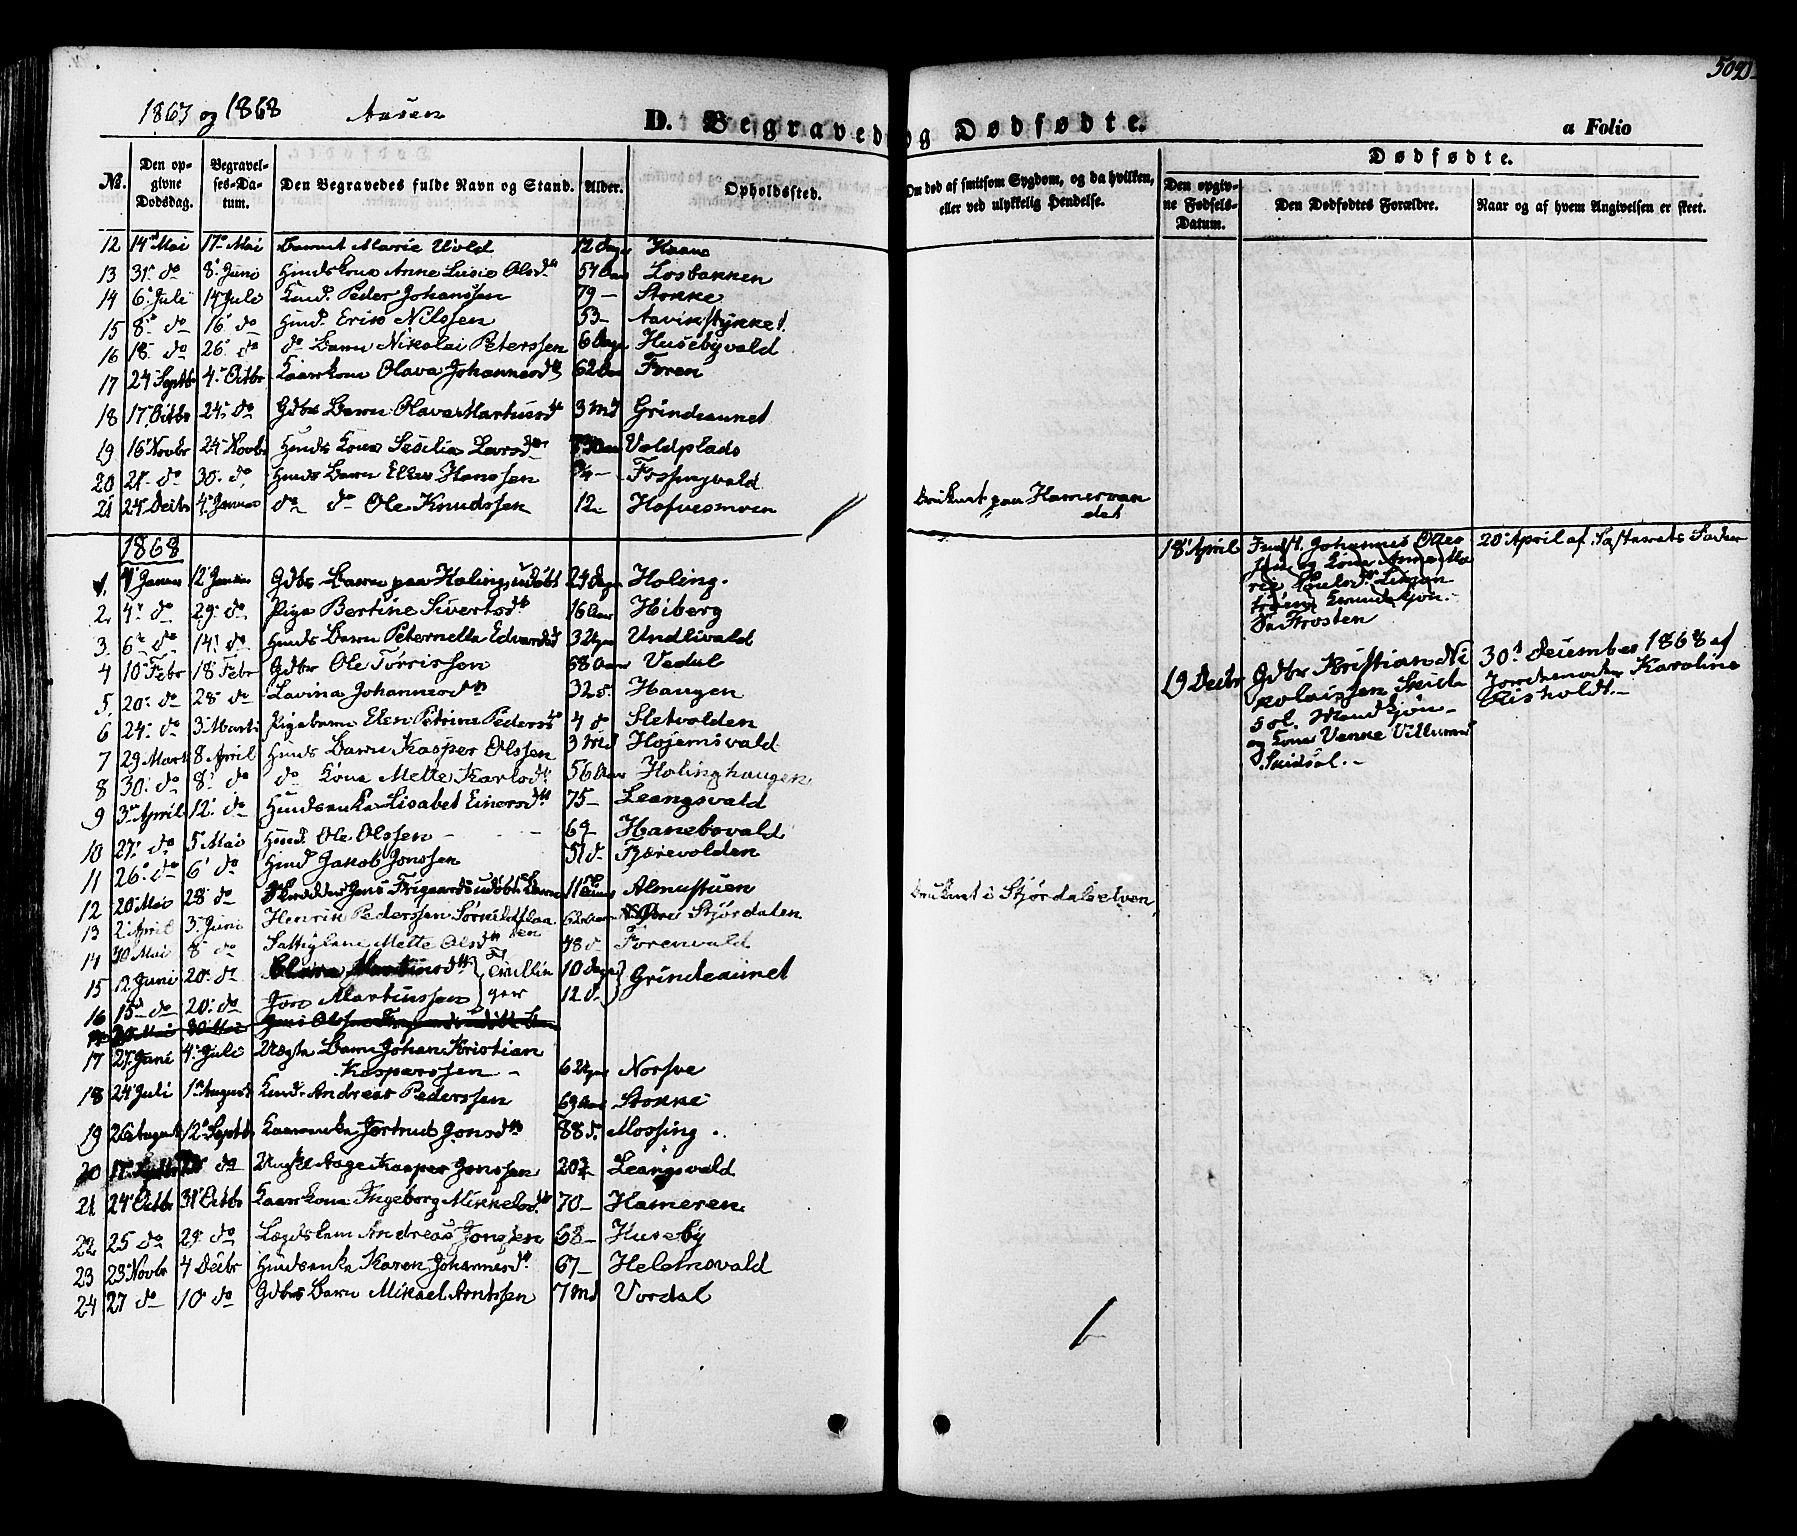 SAT, Ministerialprotokoller, klokkerbøker og fødselsregistre - Nord-Trøndelag, 713/L0116: Ministerialbok nr. 713A07 /2, 1850-1877, s. 502